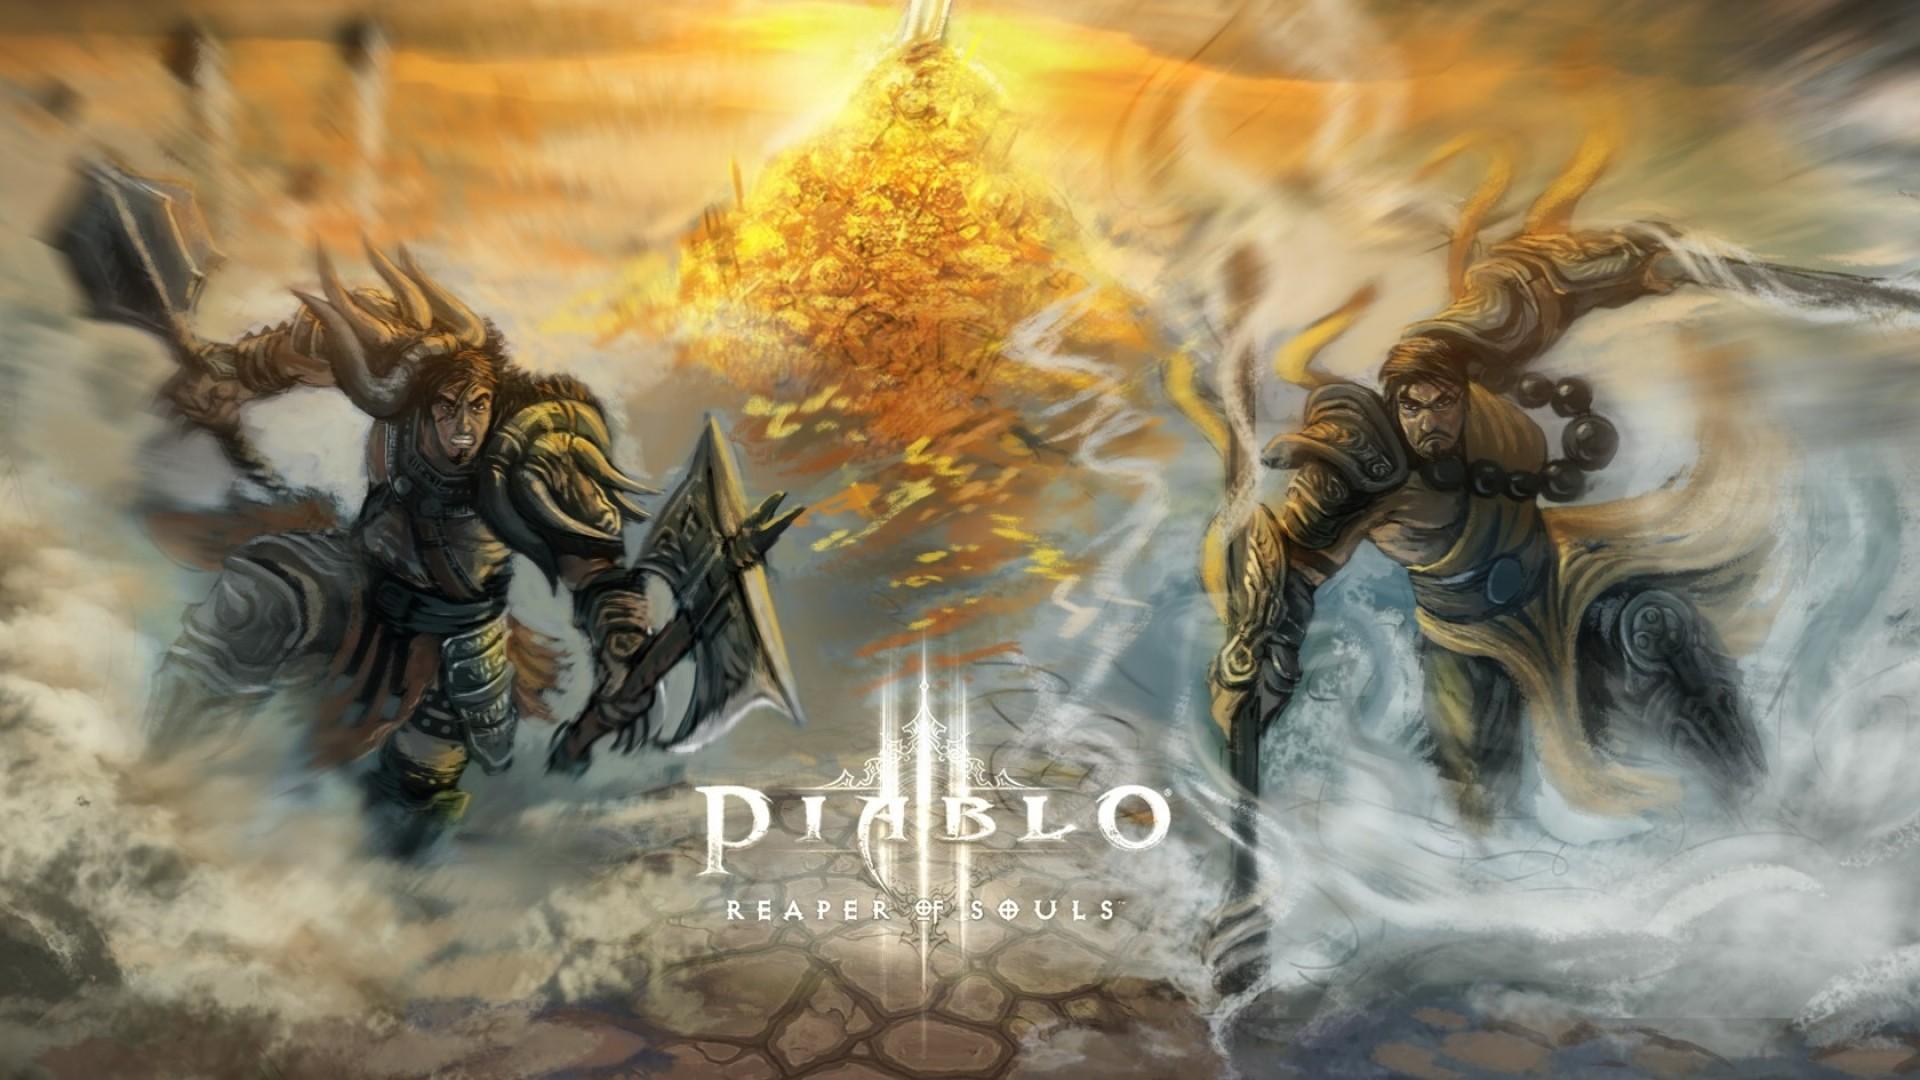 Diablo 3 Ros Wallpaper: Diablo 3 Barbarian Wallpaper (81+ Images